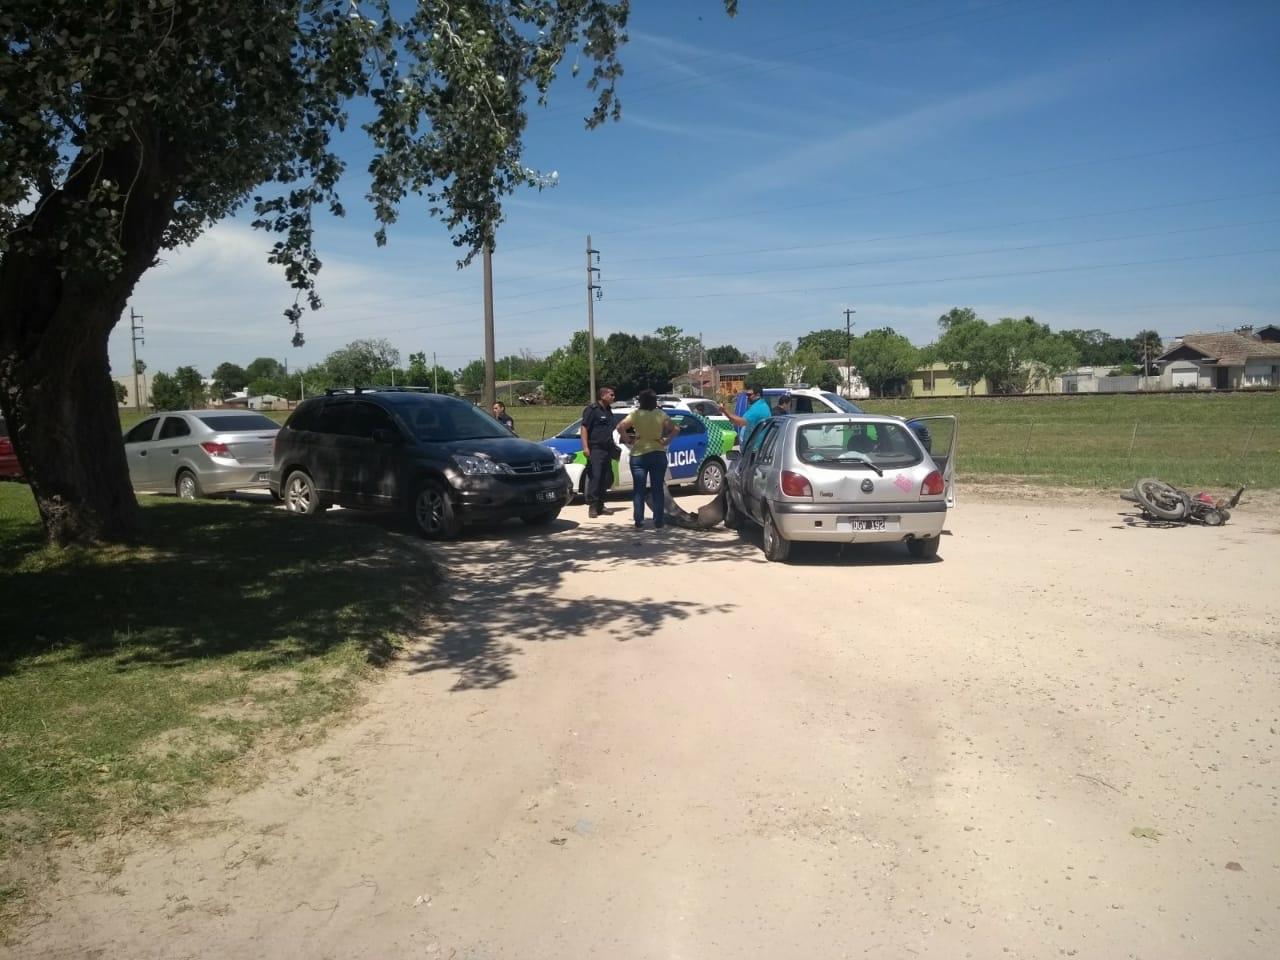 Fuerte accidente entre una moto y un automóvil en Cnel Vidal dejó un herido